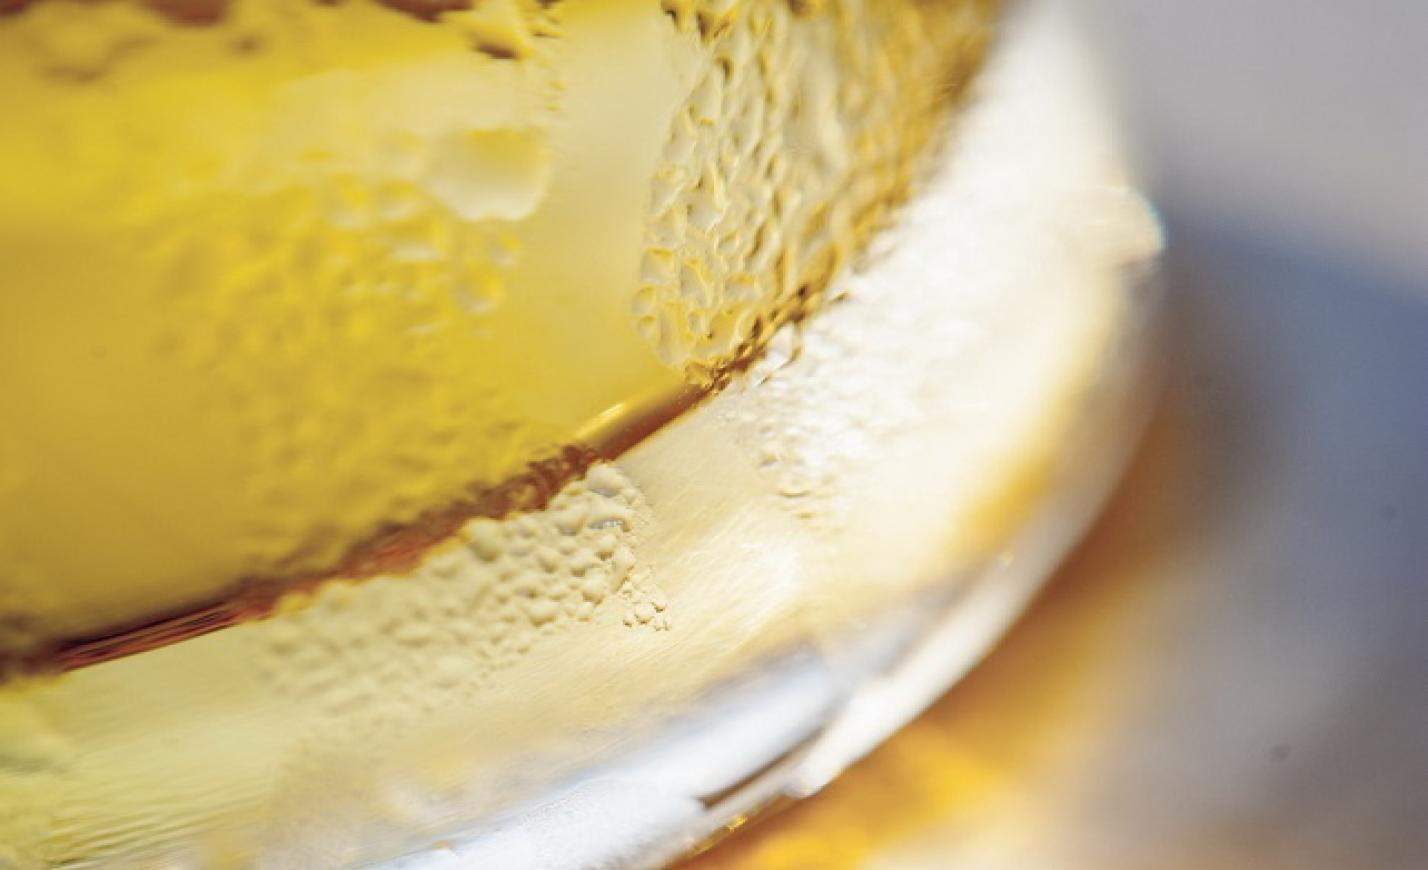 Kisüzemi sörfőzde kézműves sörével bővíti kínálatát a Carlsberg